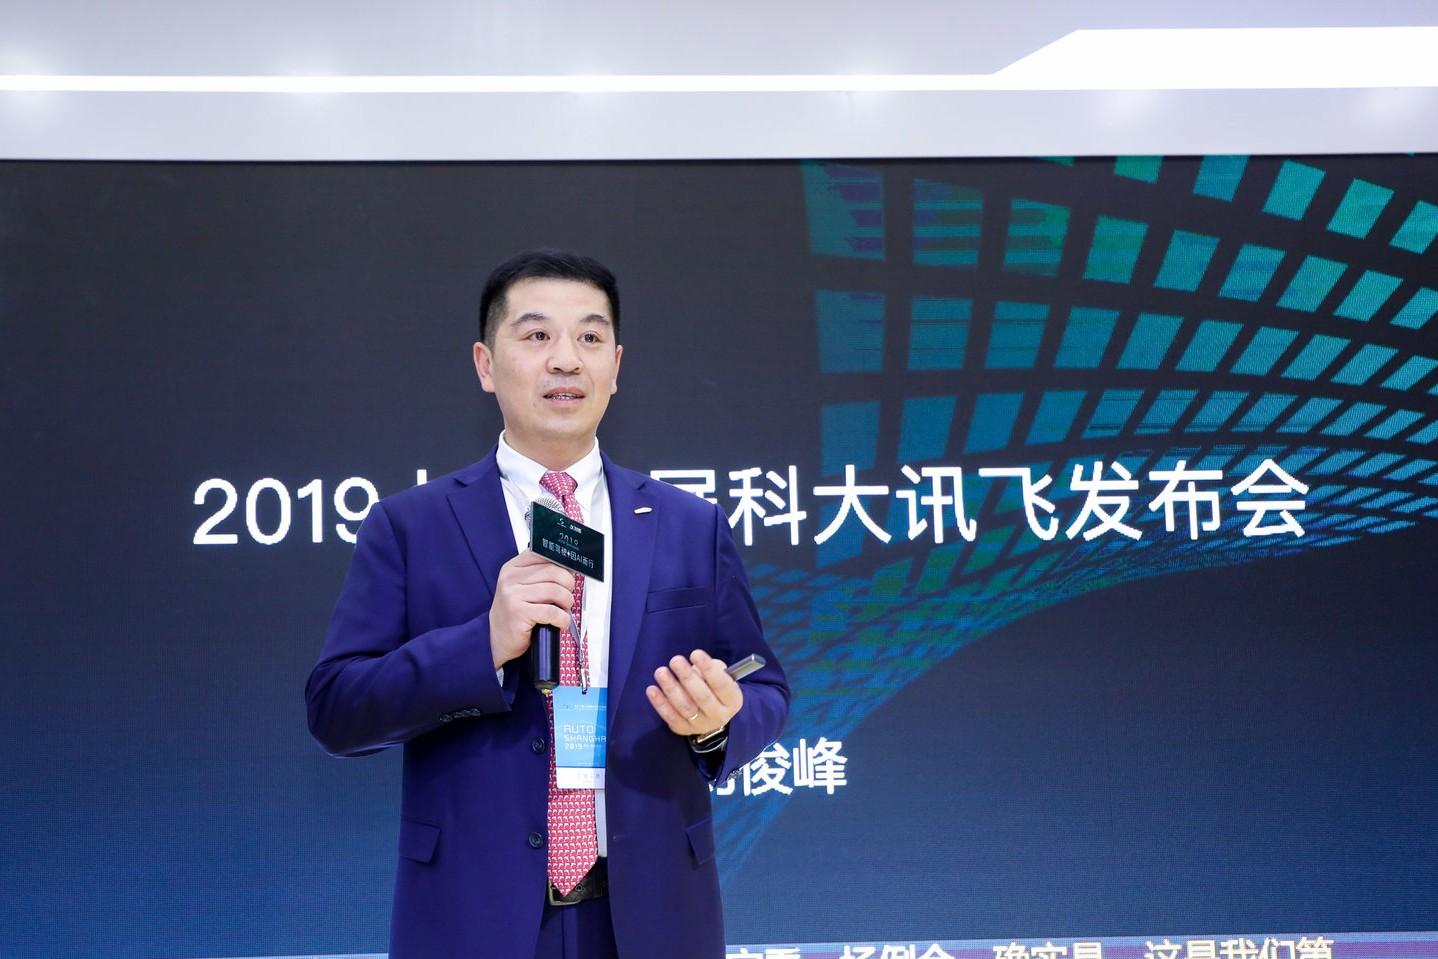 科大訊飛智能汽車事業部總經理劉俊峰